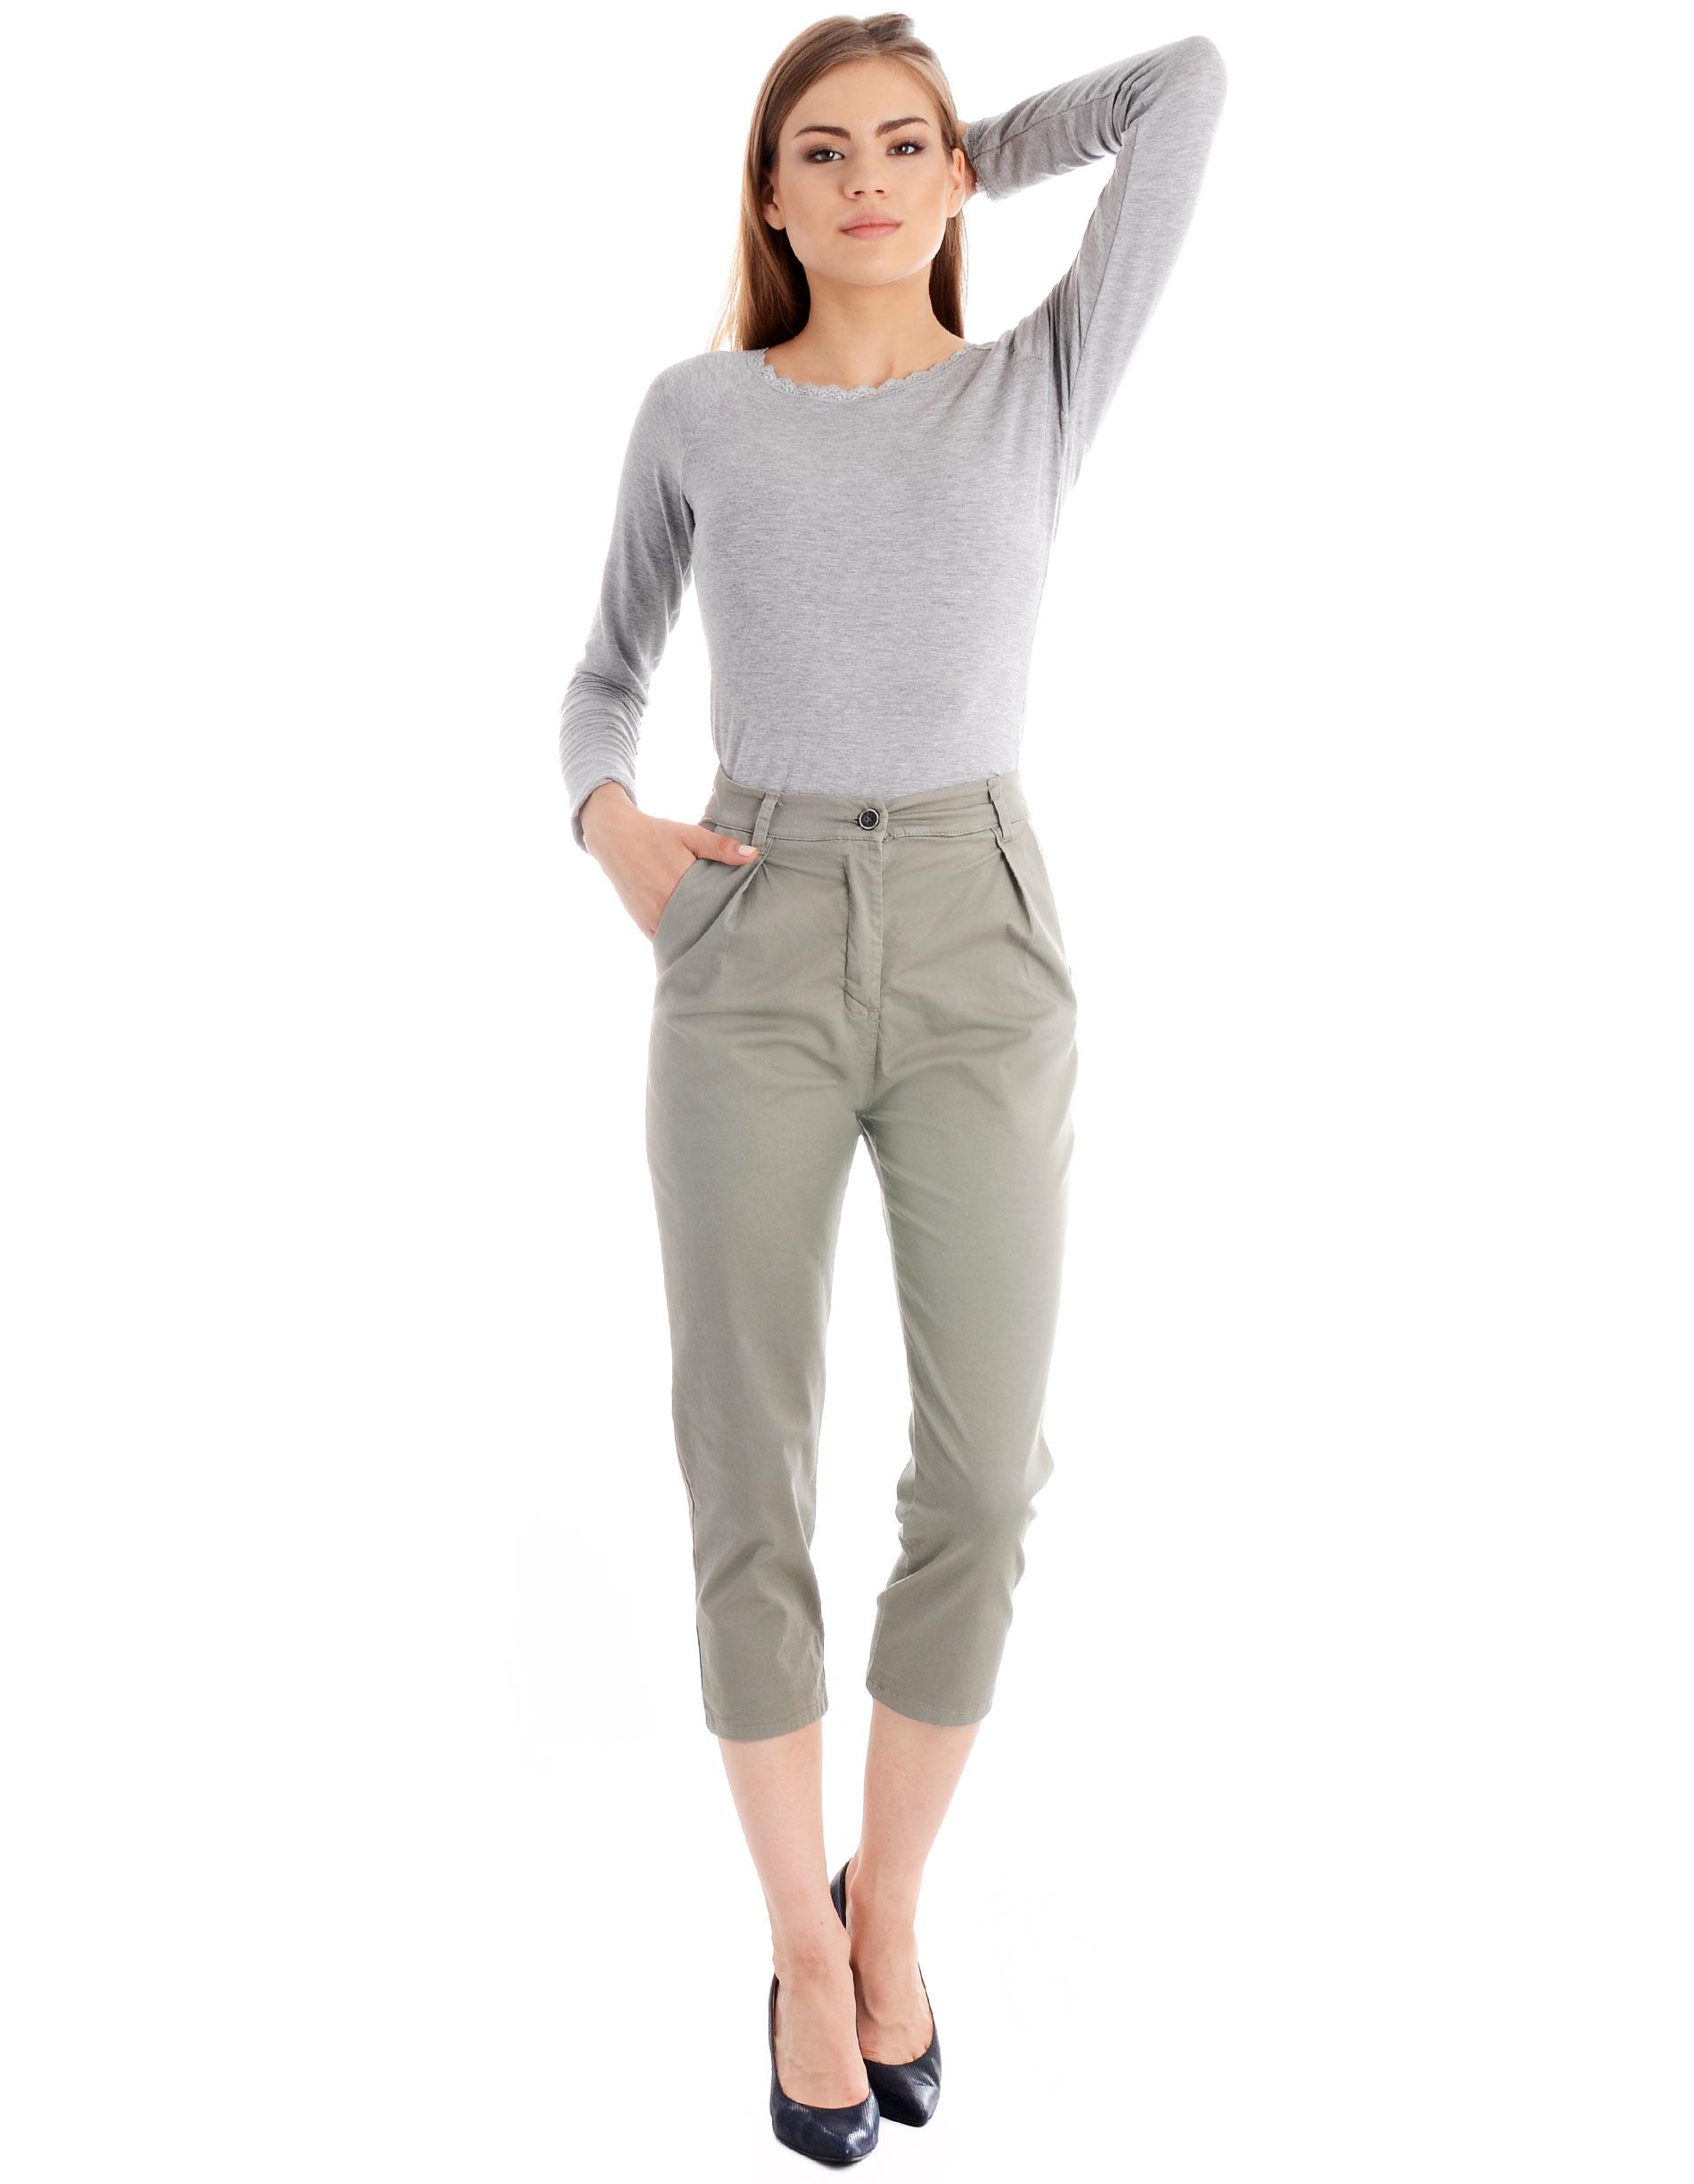 Spodnie - 49-337 MILITA - Unisono